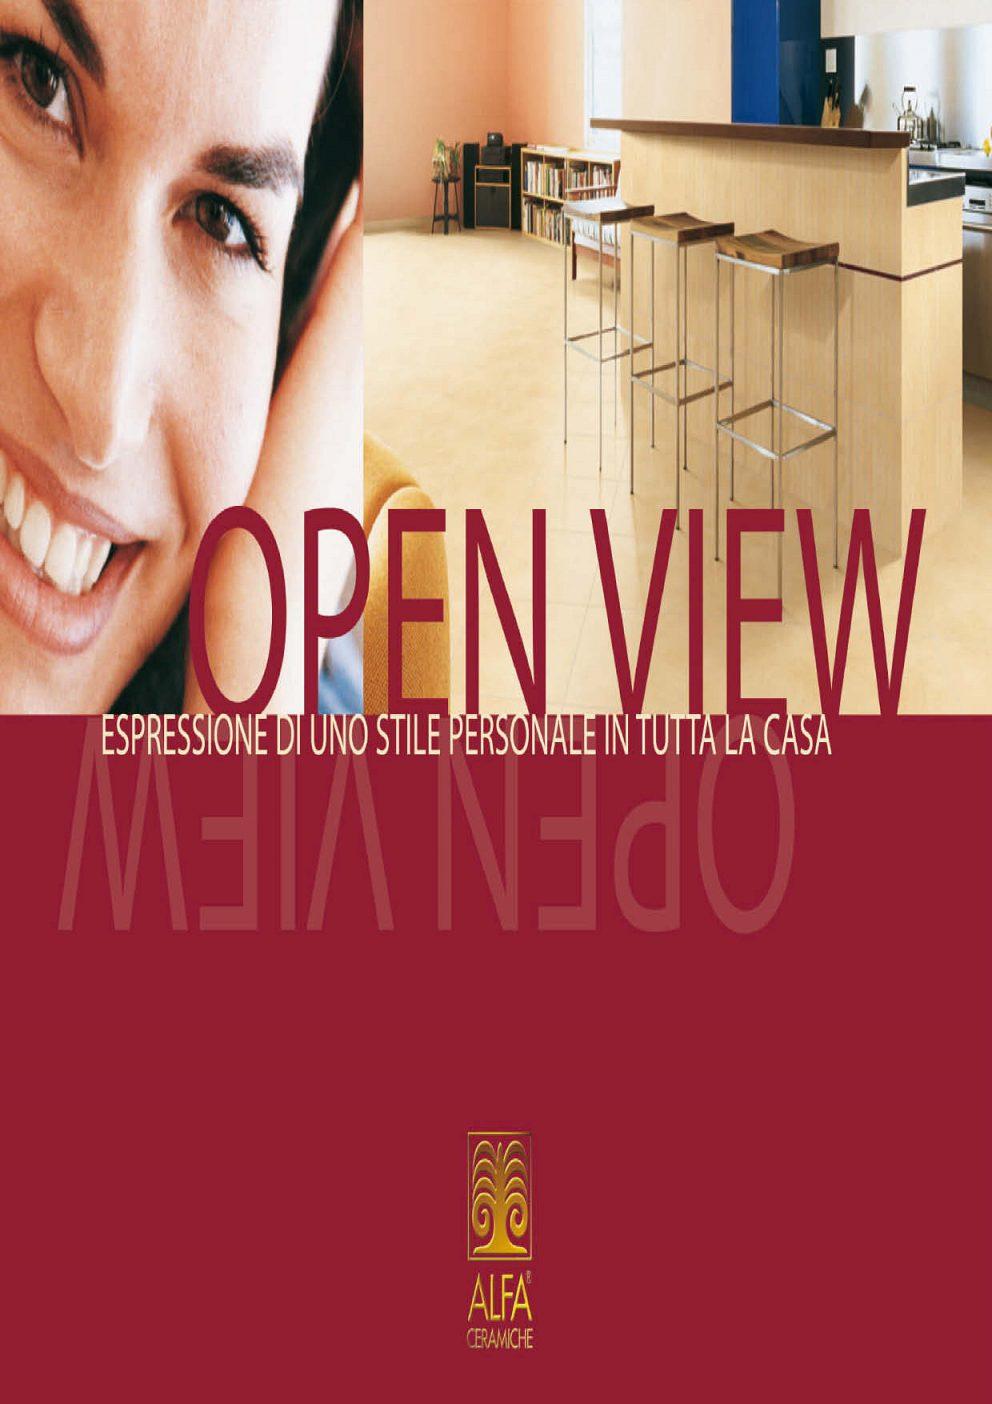 Alfalux - Open view